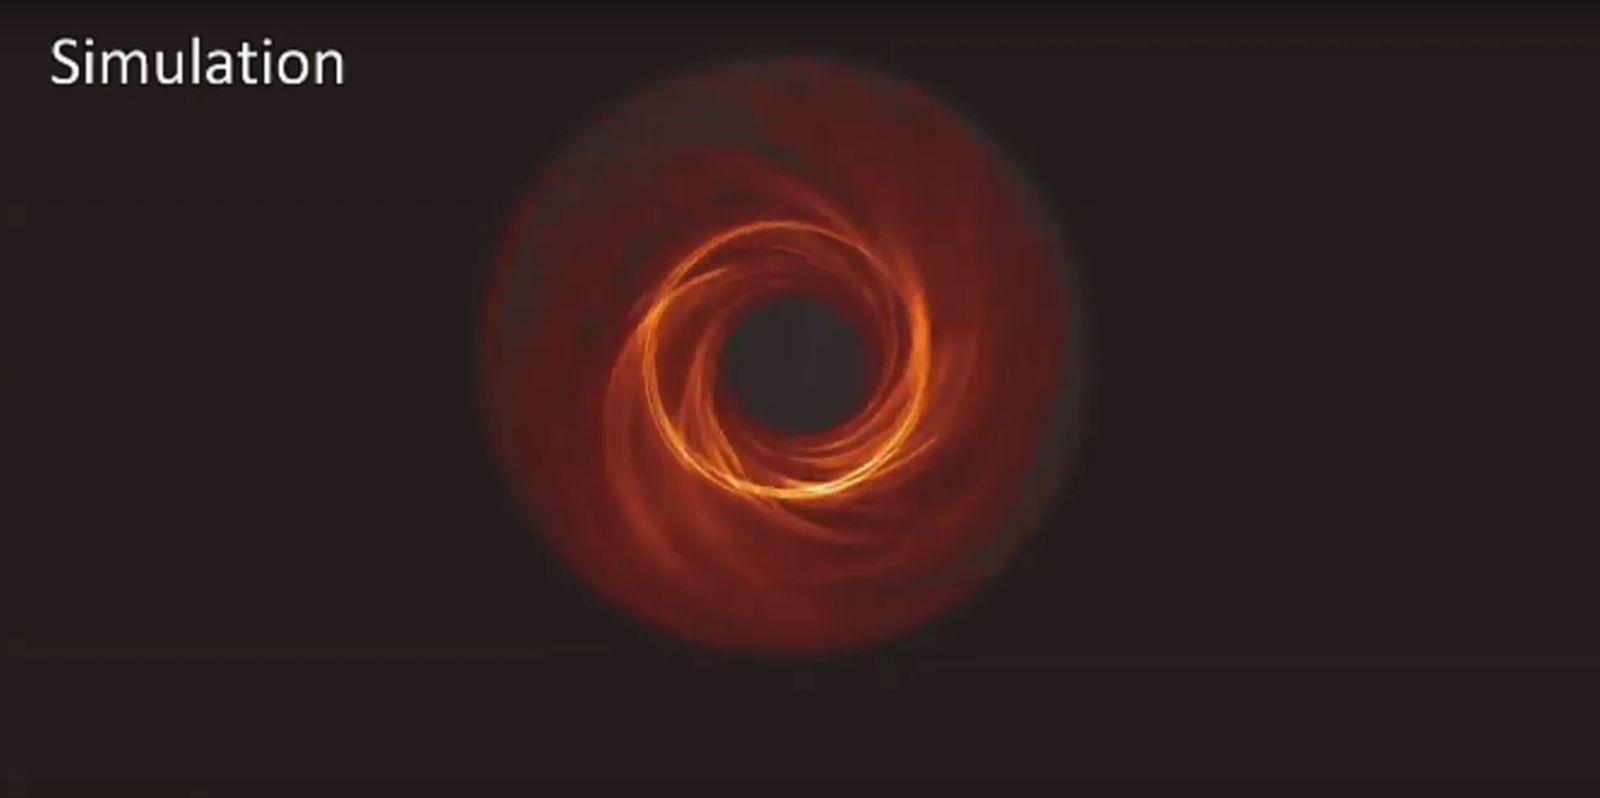 EINMALIGE VERWENDUNG Simulation Schwarzes Loch